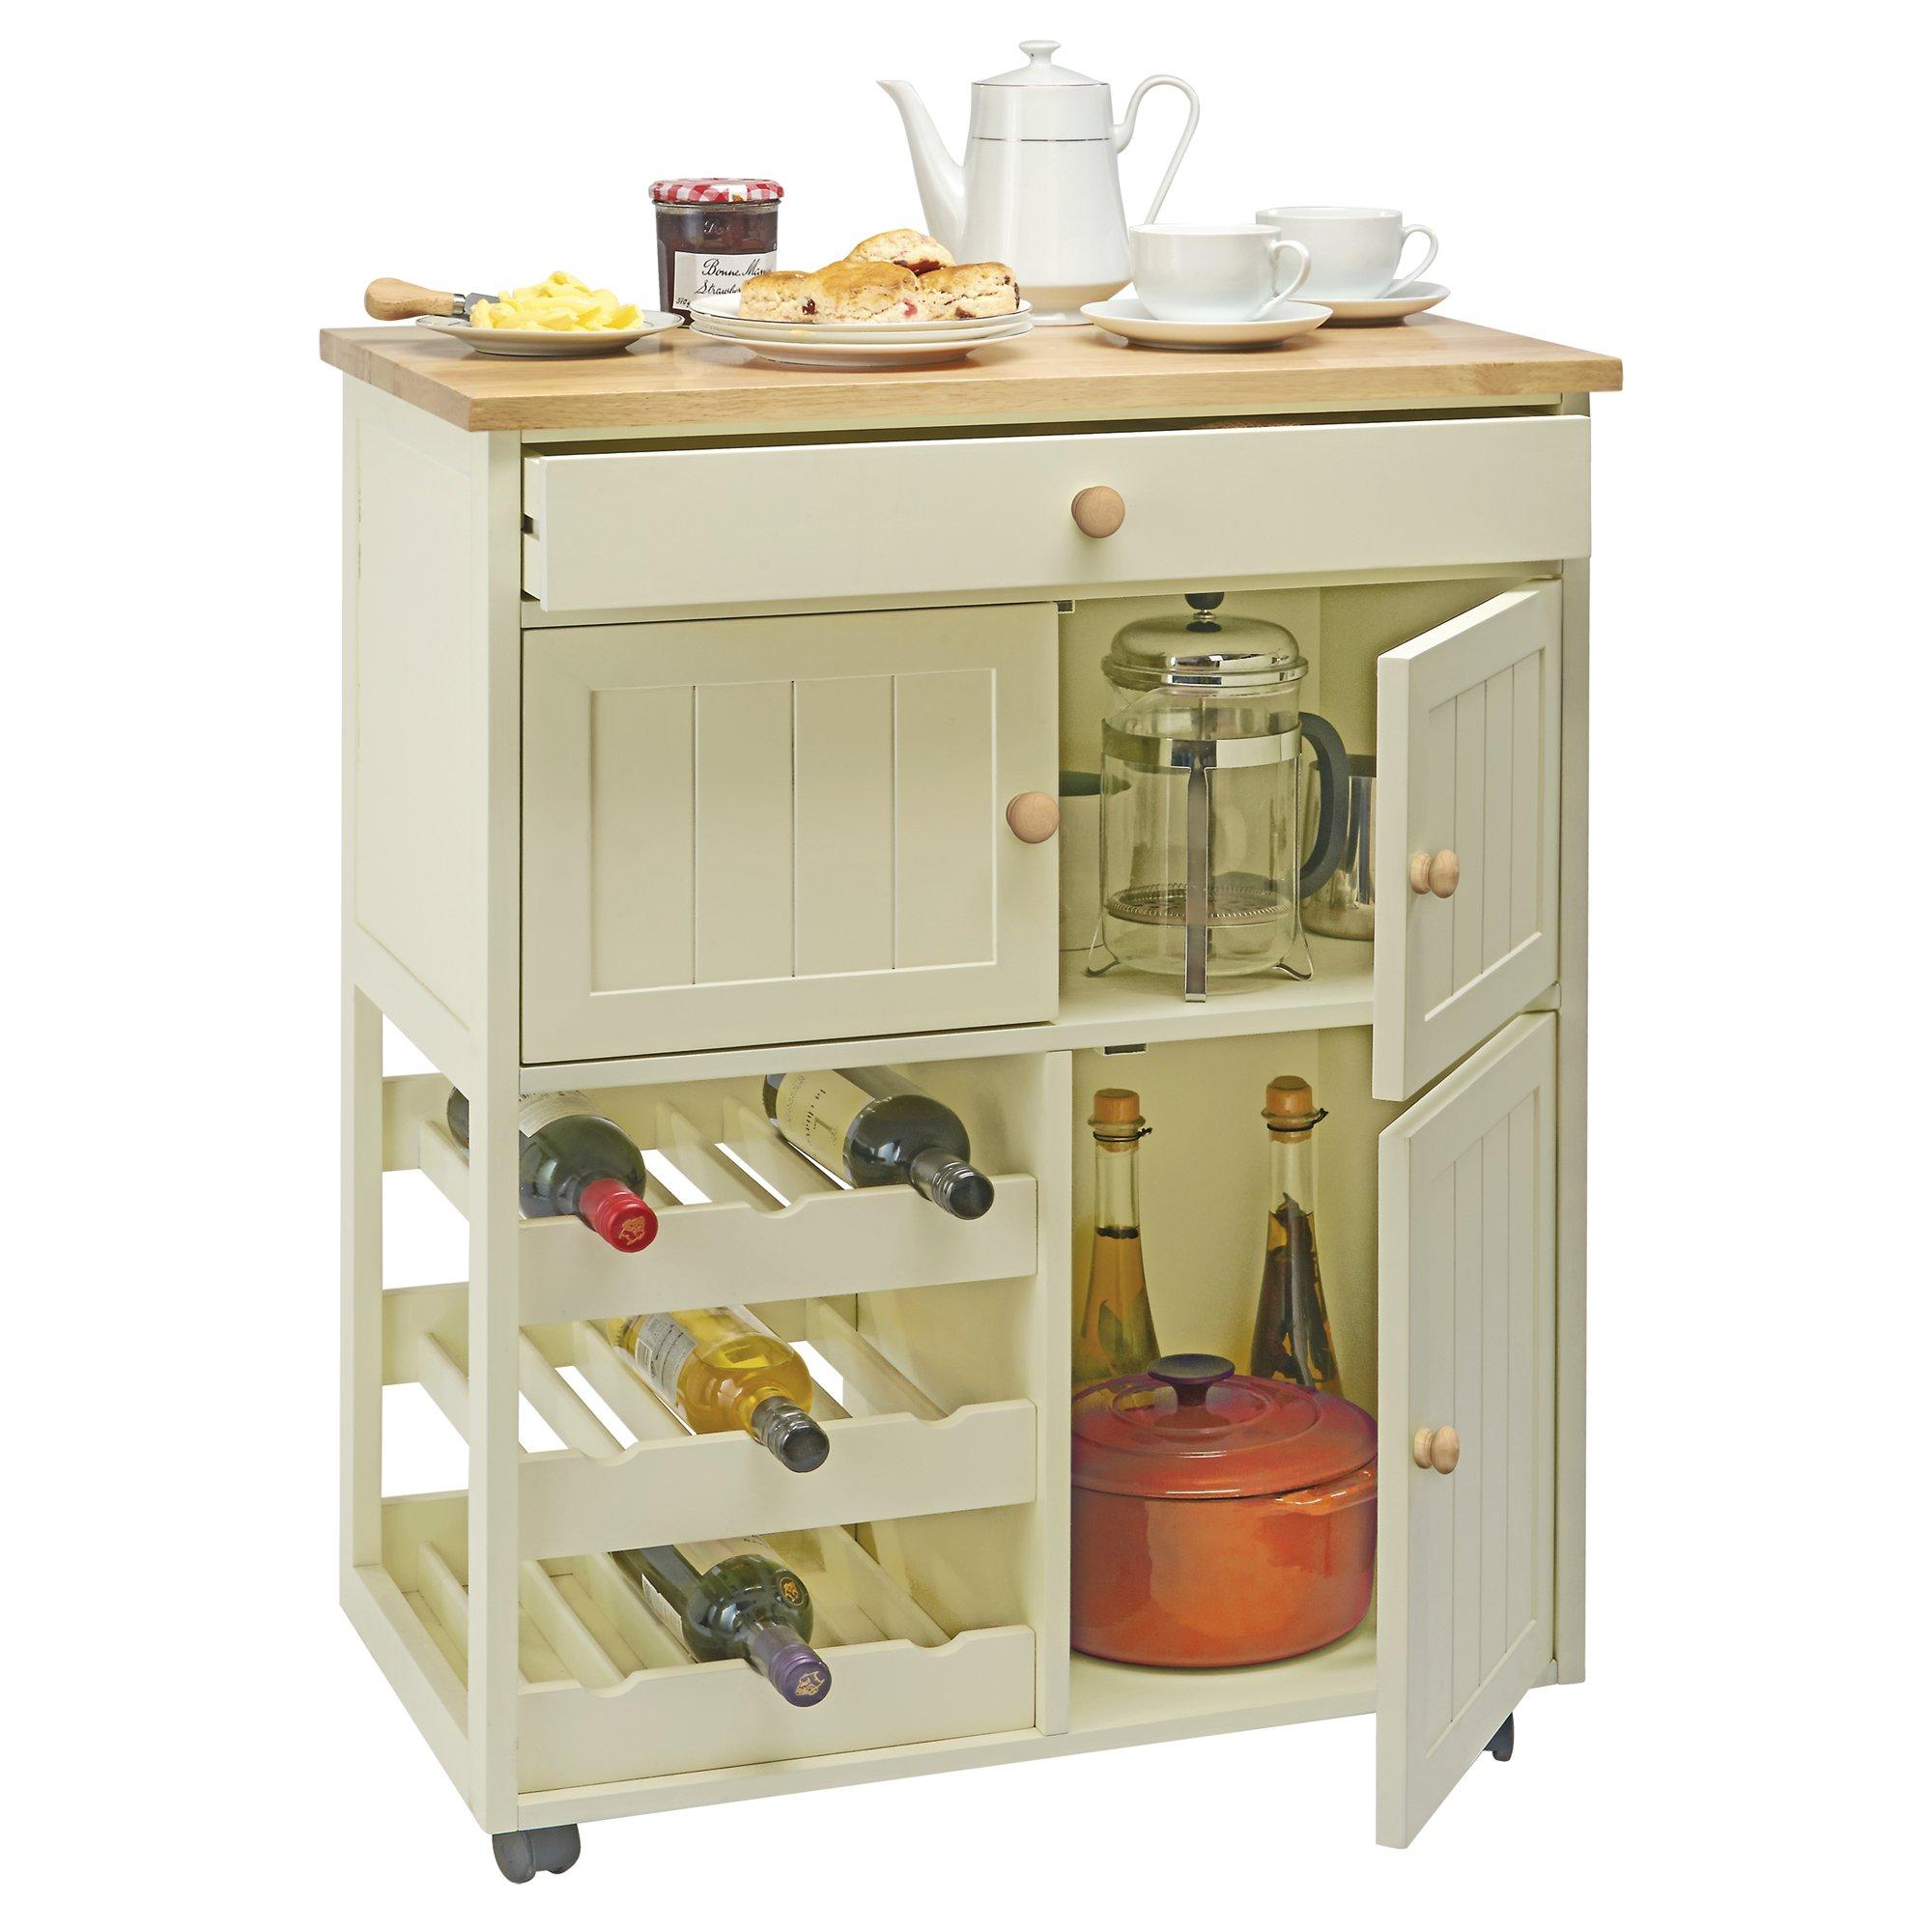 Freestanding Kitchen Unit: Amazon.co.uk